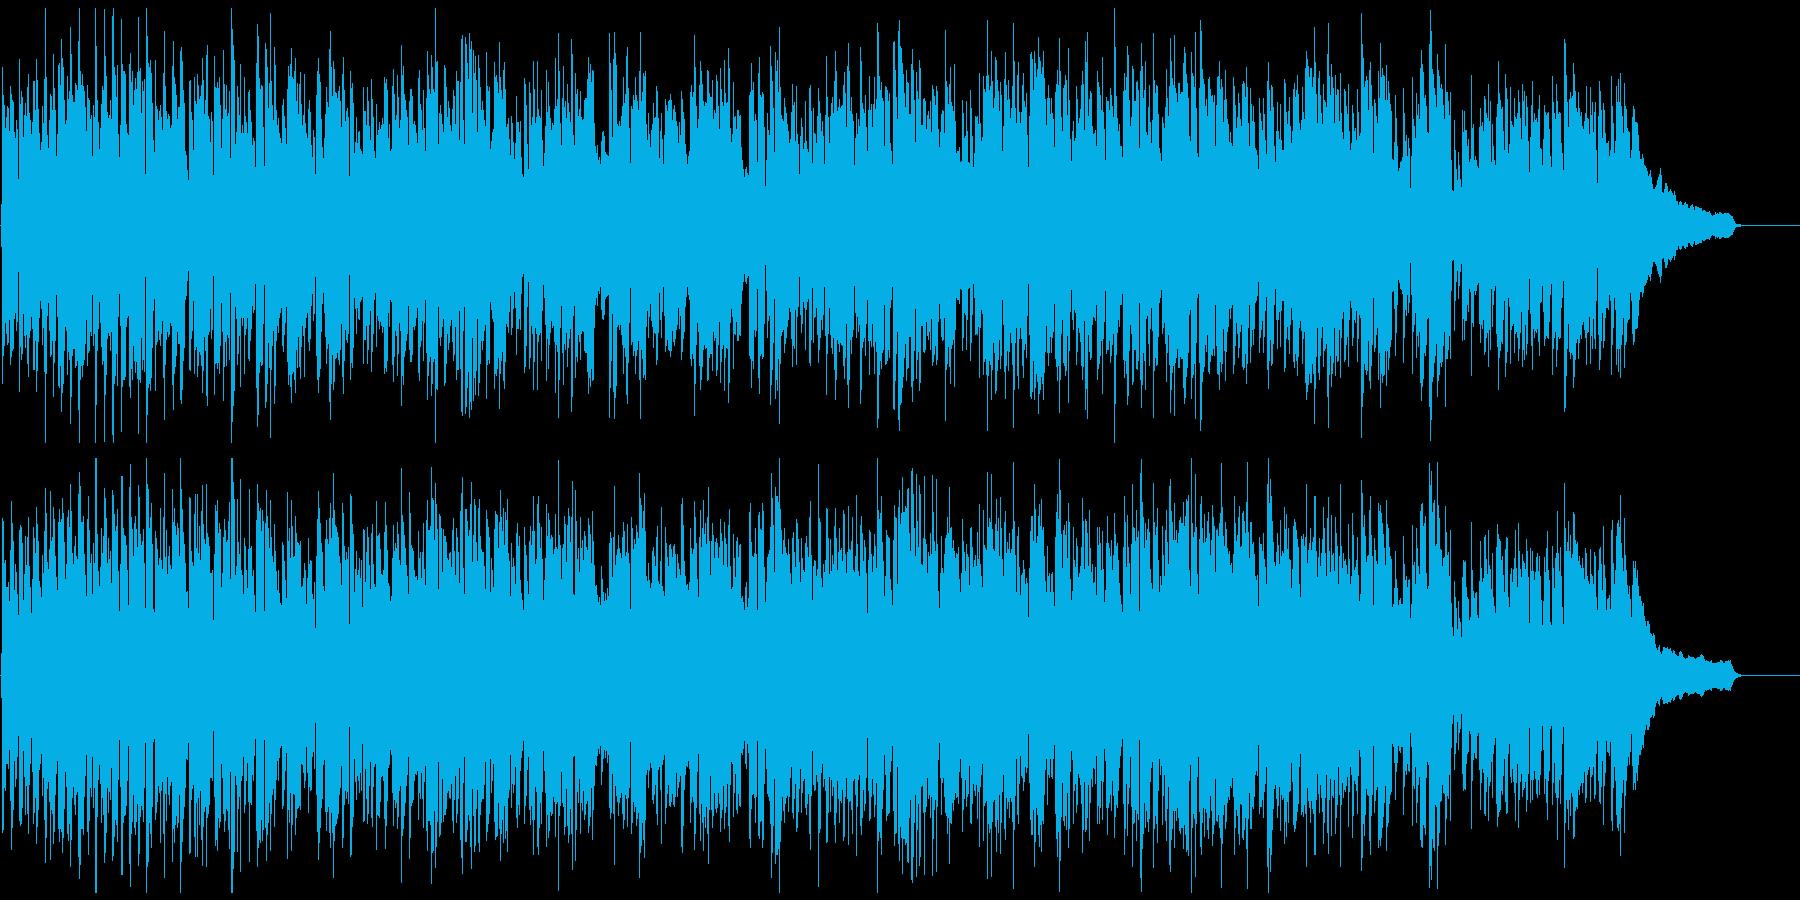 元気いっぱいなリコーダーの爽やかポップスの再生済みの波形